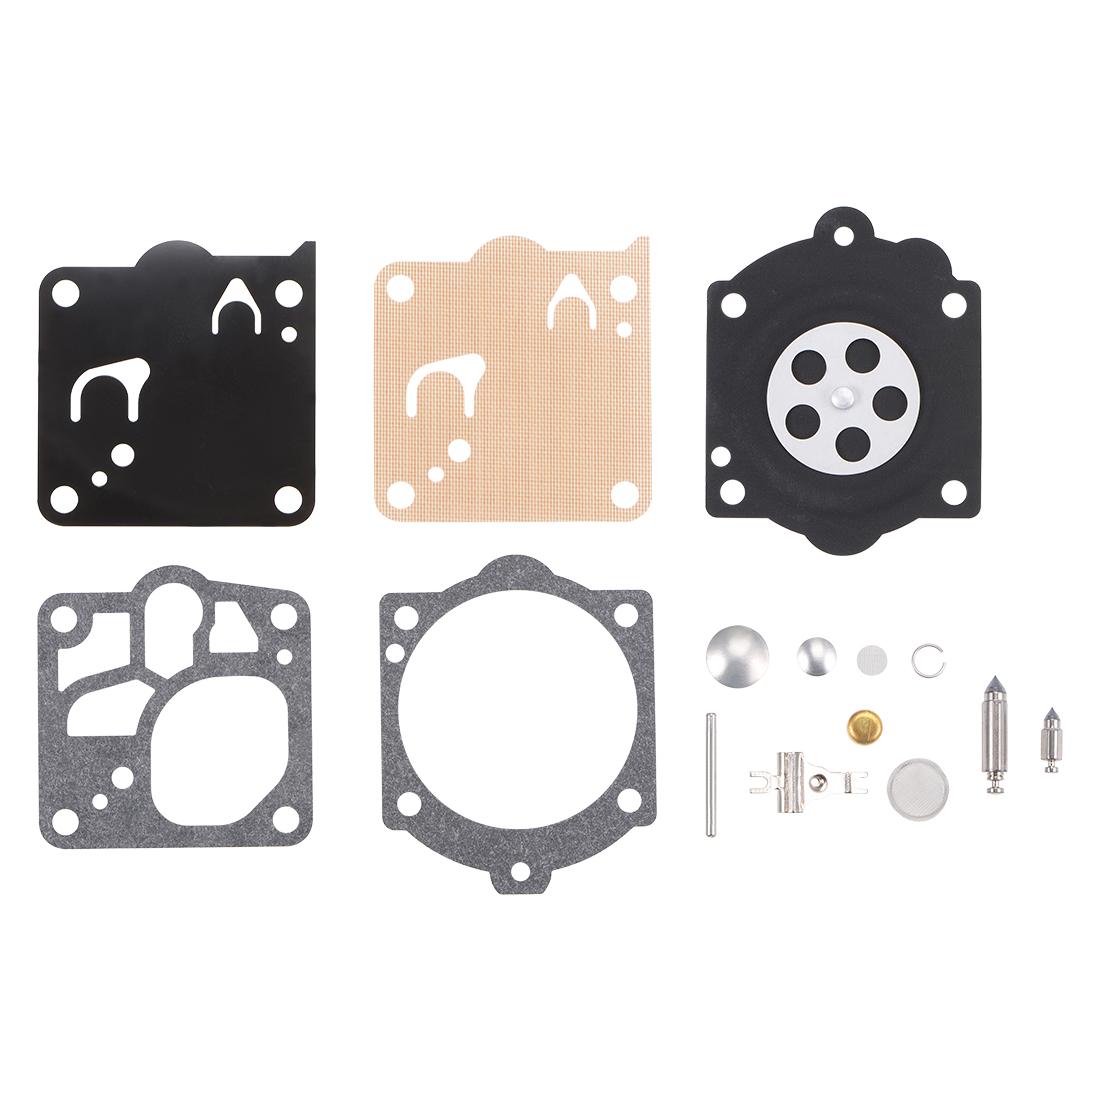 Carburetor Rebuild Kit Gasket Diaphragm for 3120XP for 3120 for 272 Engines